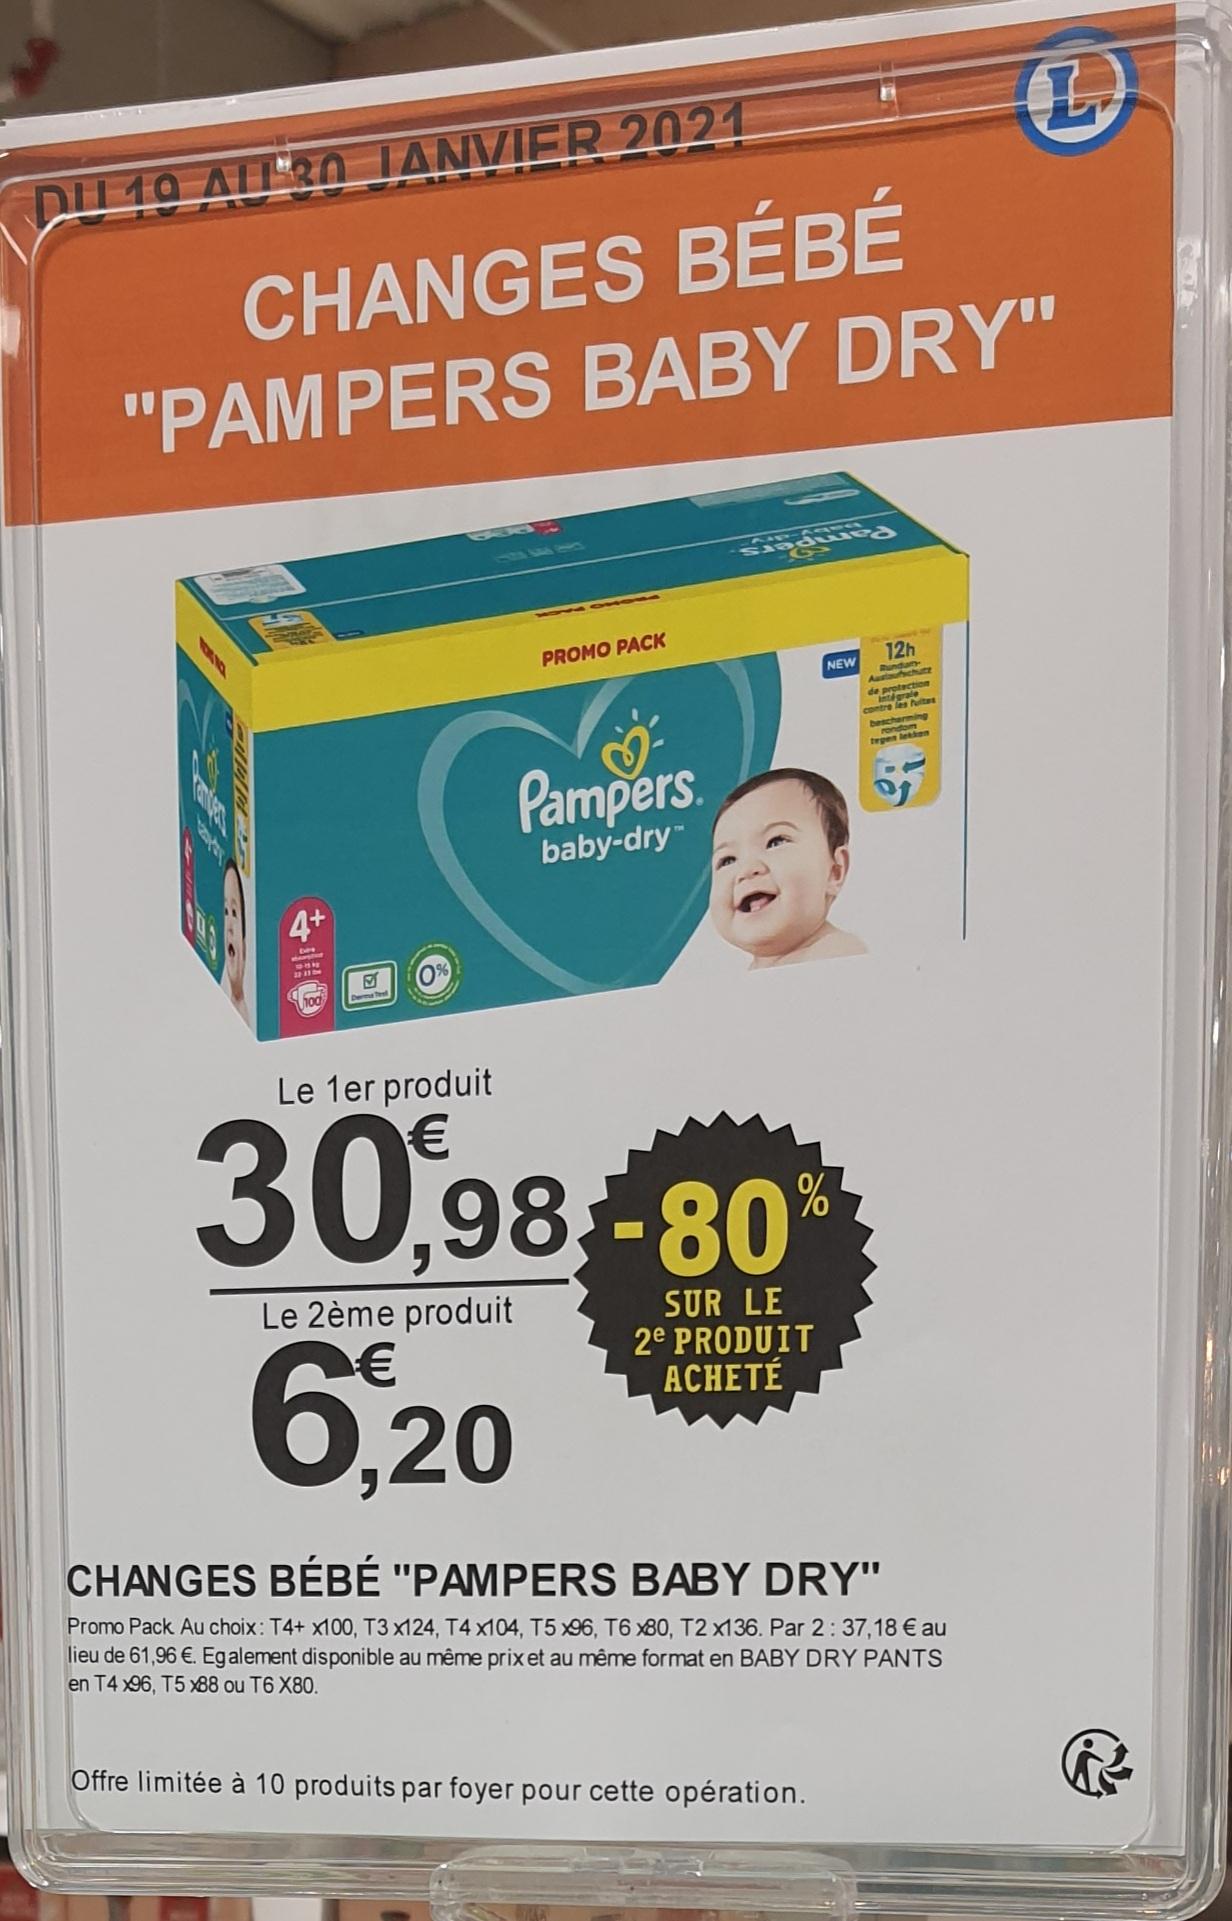 Lot de 2 paquets de couches Pampers Baby-Dry Promo Pack (différentes quantités et tailles) - Saint-Orens-de-Gameville (31)